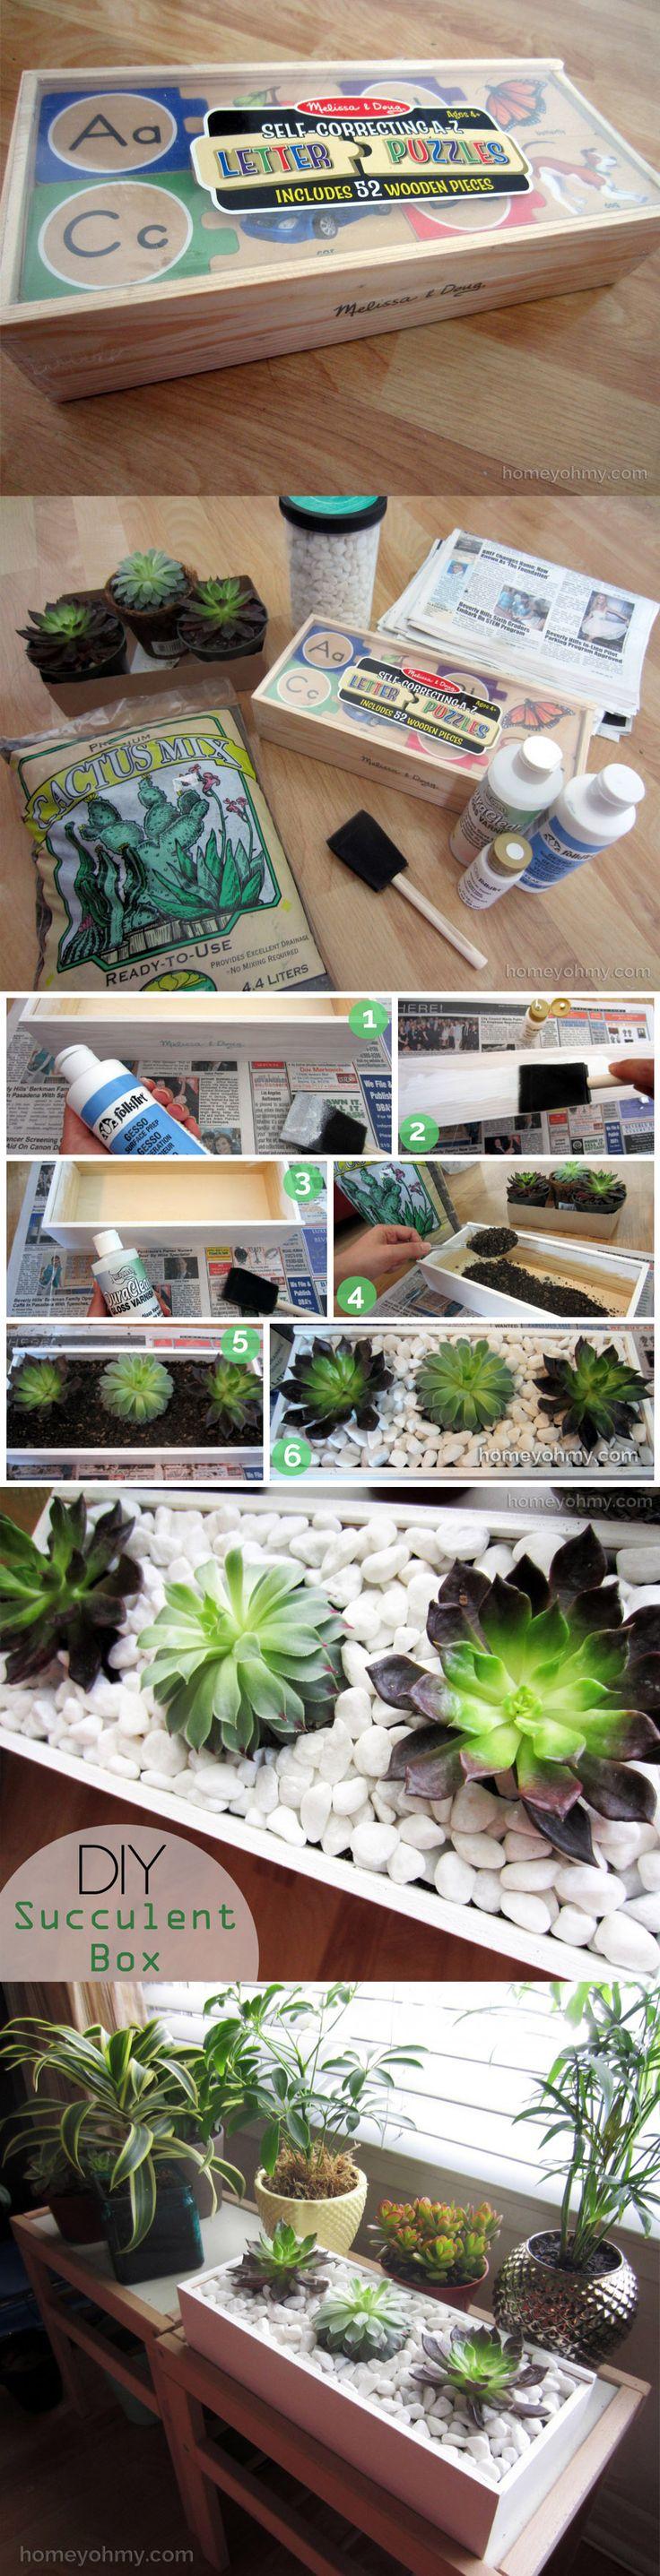 Plantas decorativas reciclando una caja de madera / http://www.homeyohmy.com/